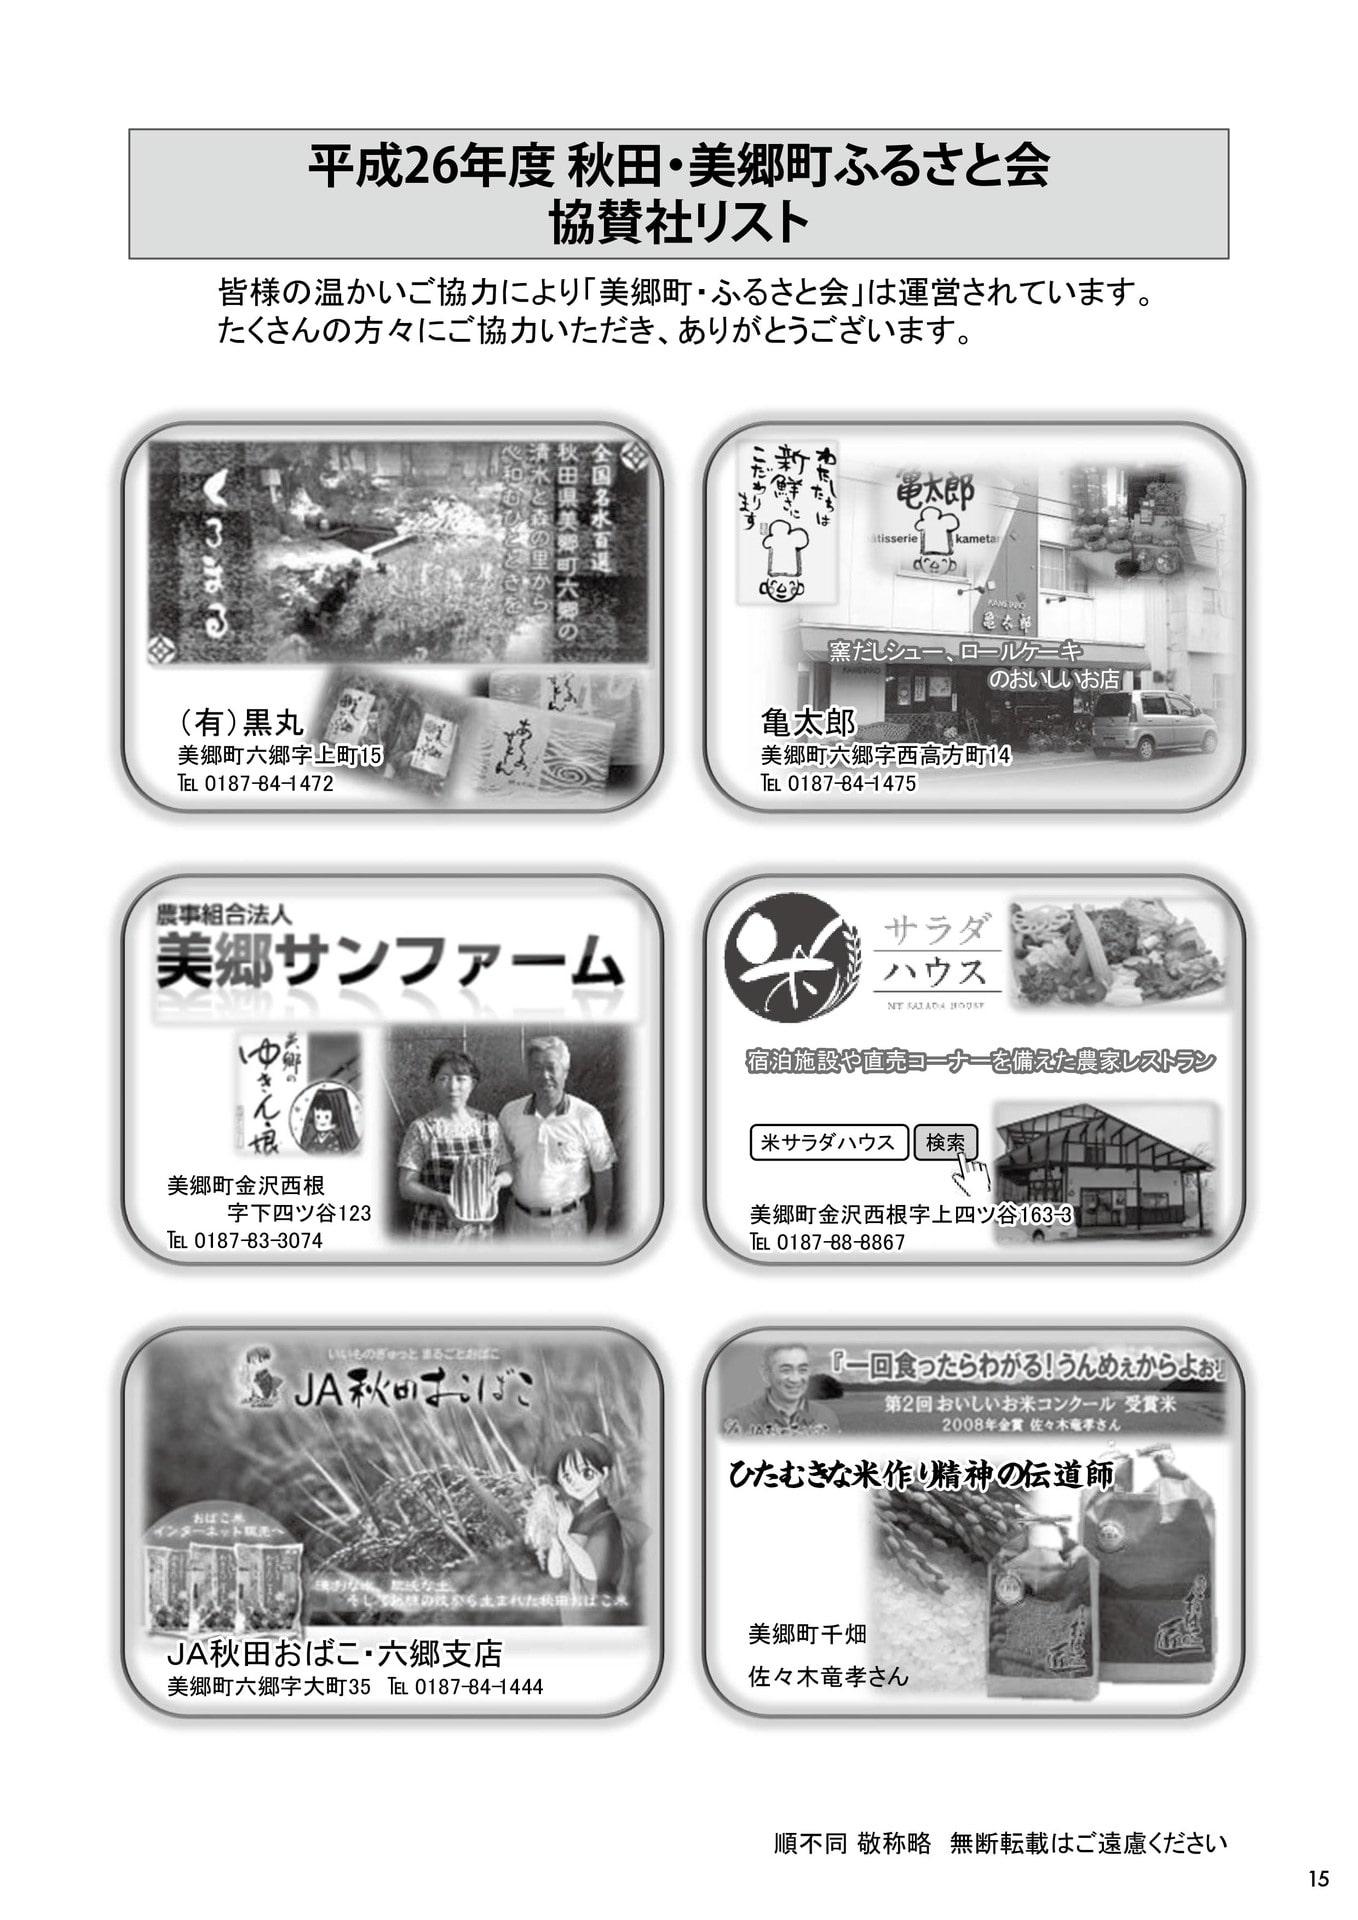 第2回秋田・美郷町ふるさと会パンフレット(協賛社リスト)